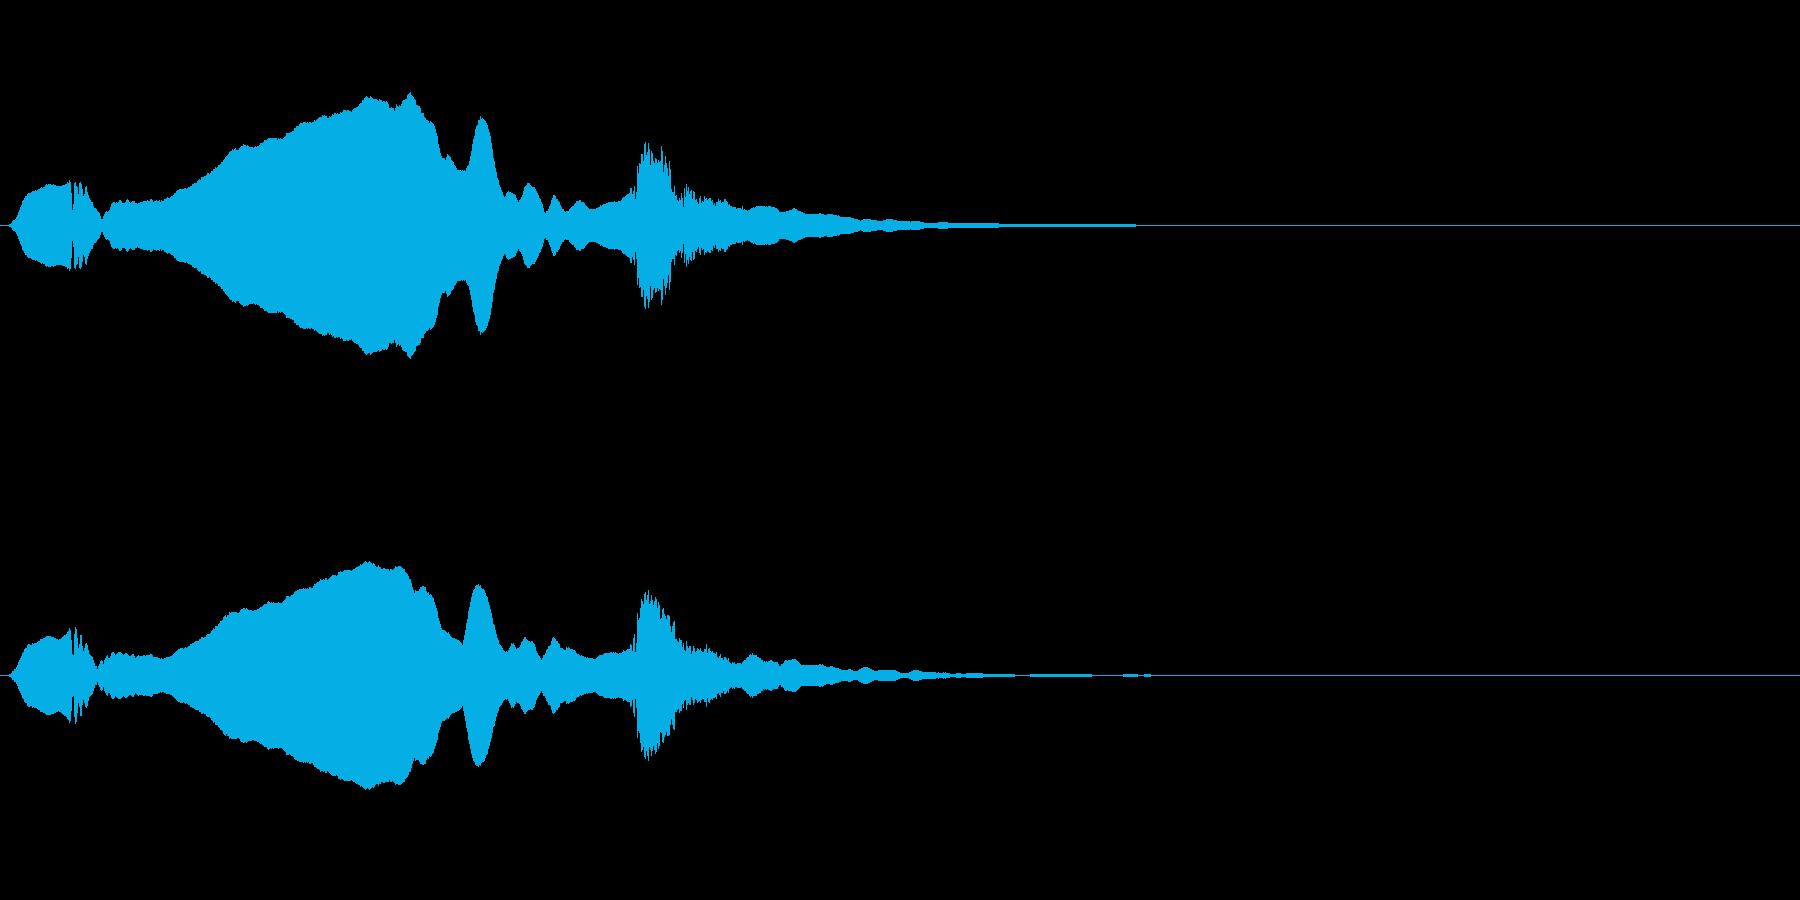 尺八 生演奏 古典風#4の再生済みの波形